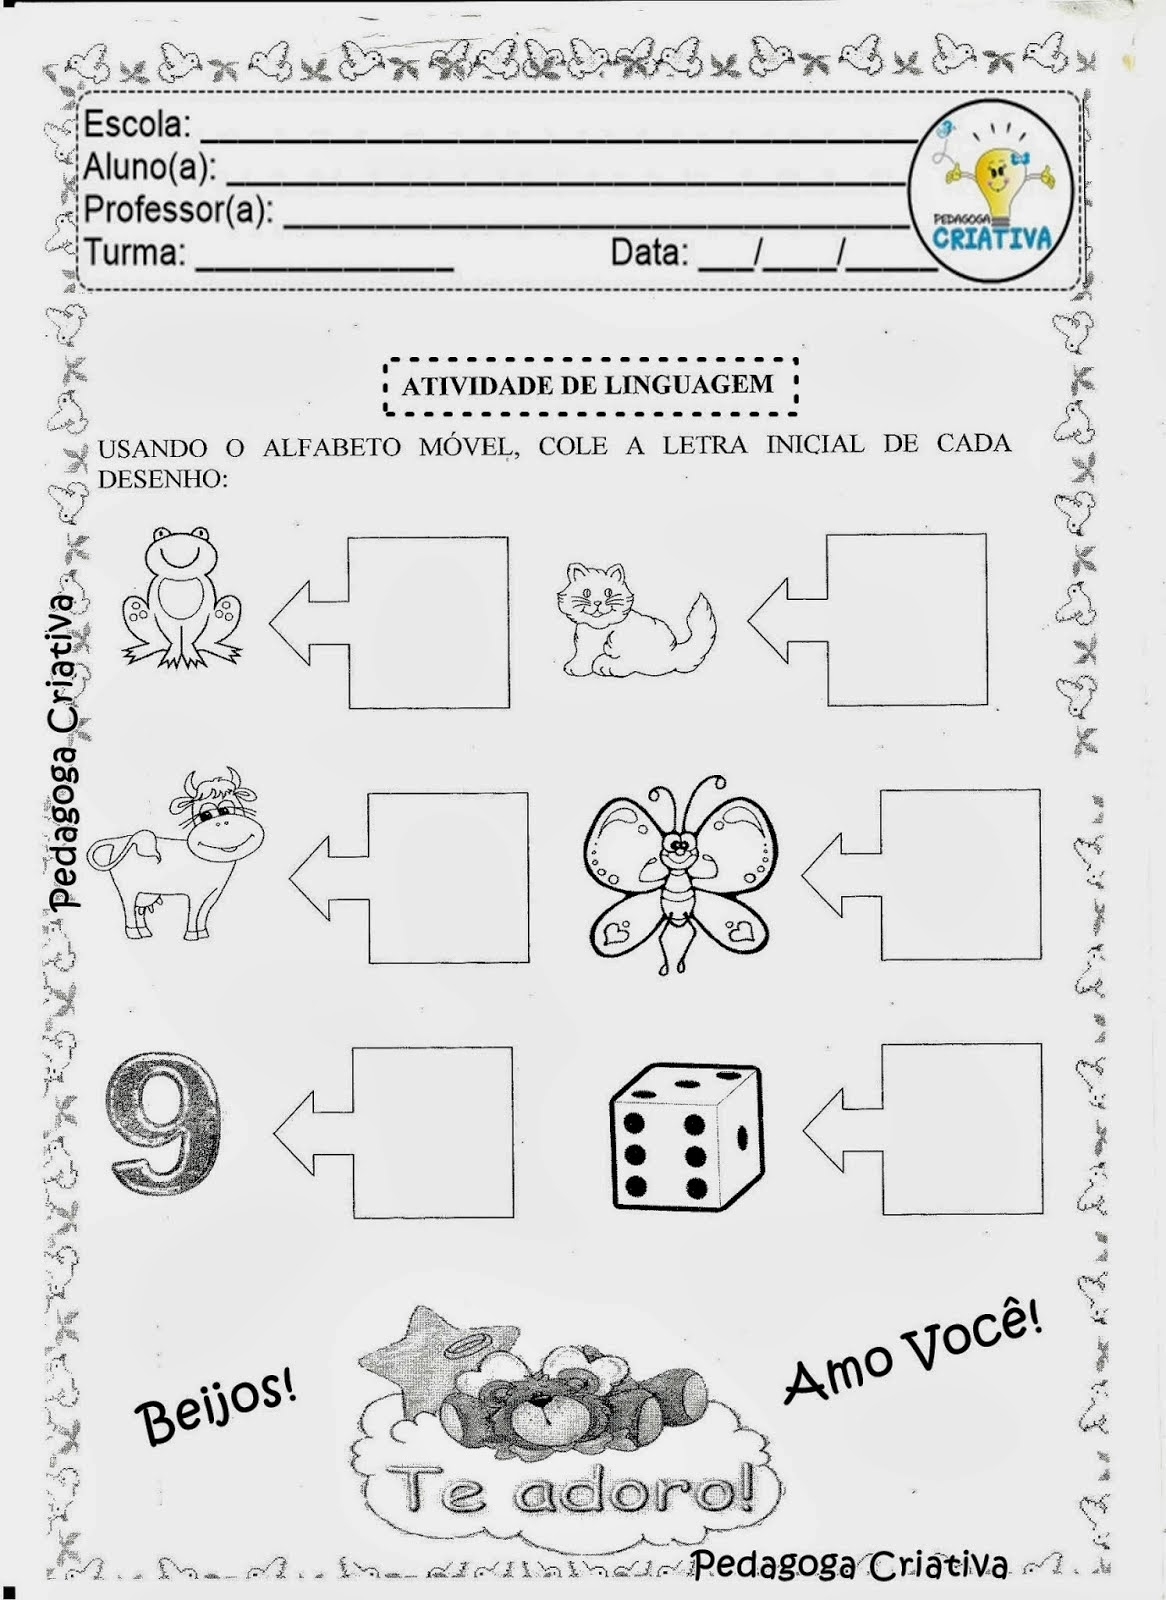 Excepcional ALFABETIZAÇÃO DIVERTIDA: EXPLORANDO O ALFABETO MÓVEL UO46